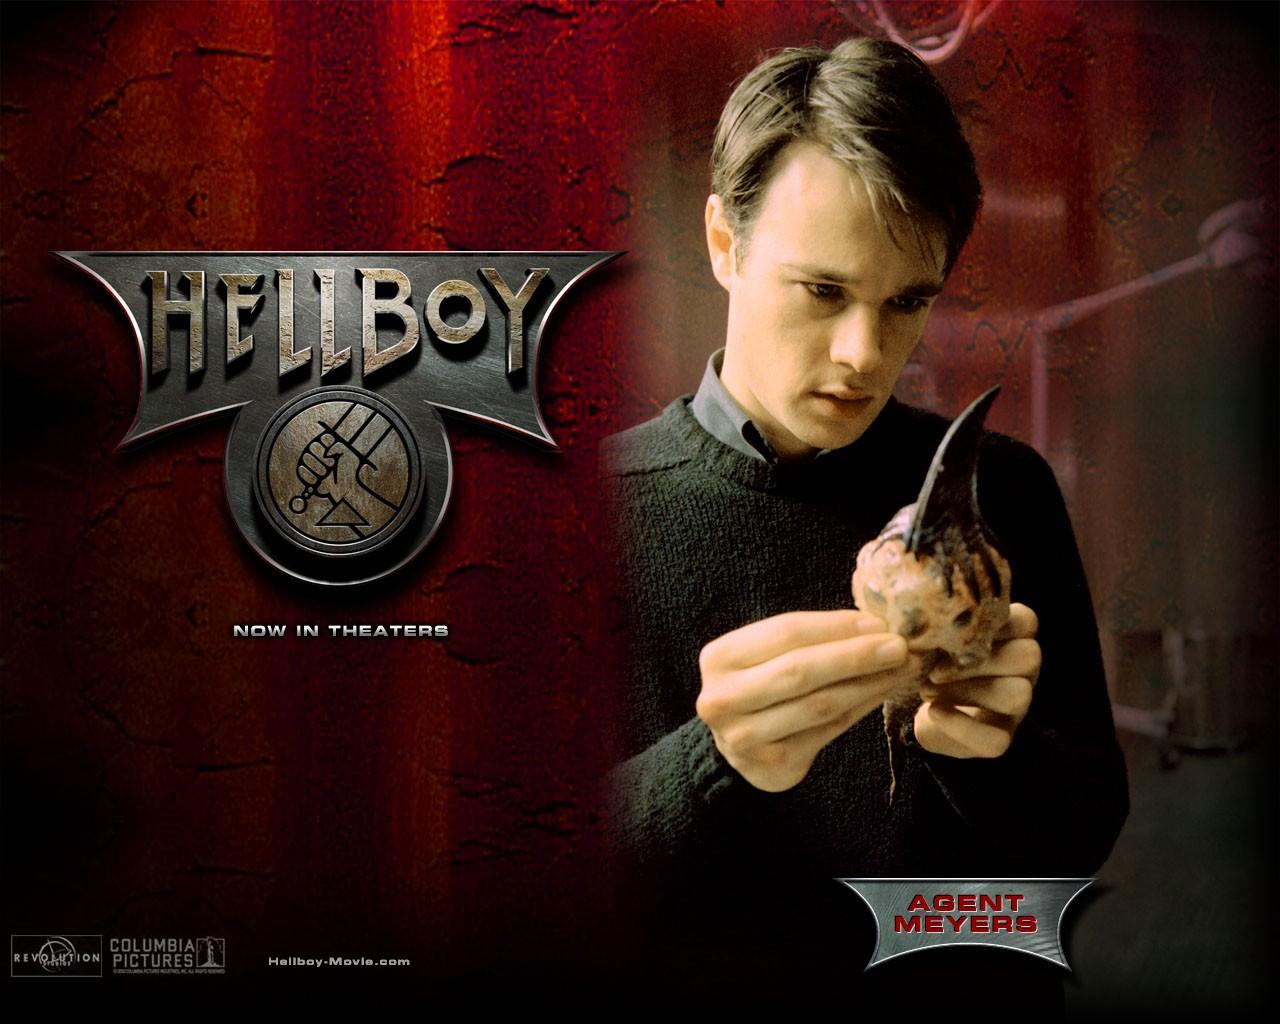 Wallpaper di Rupert Evans che interpreta John Myers nel film 'Hellboy'